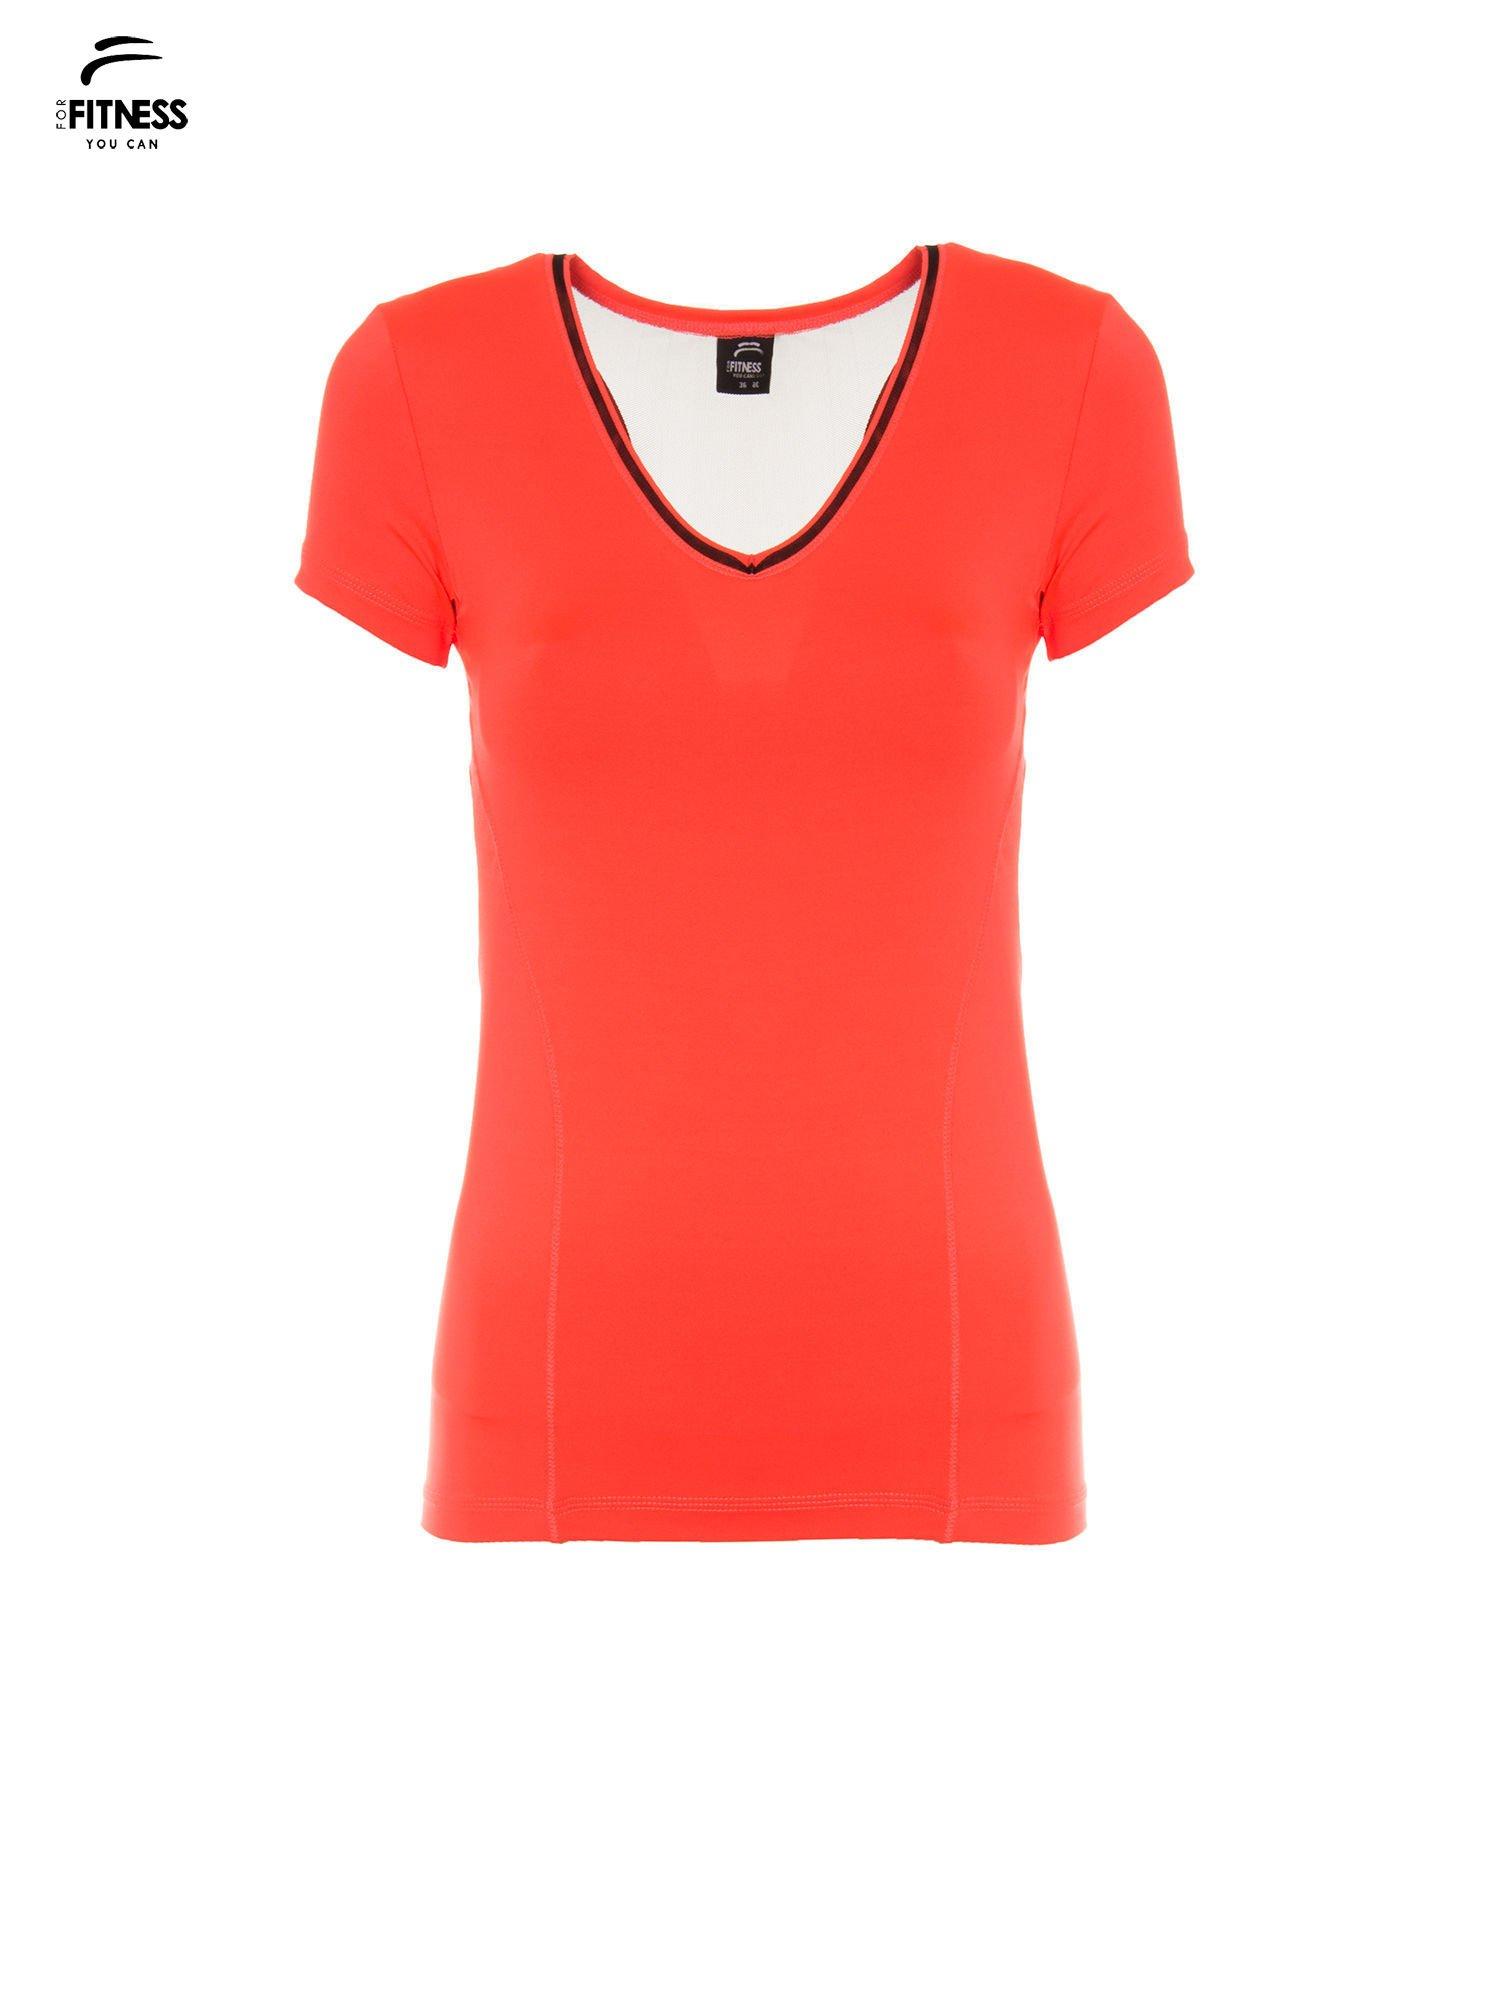 Fluoróżowy termoaktywny t-shirt sportowy z siateczką przy dekolcie i z tyłu ♦ Performance RUN                                  zdj.                                  2